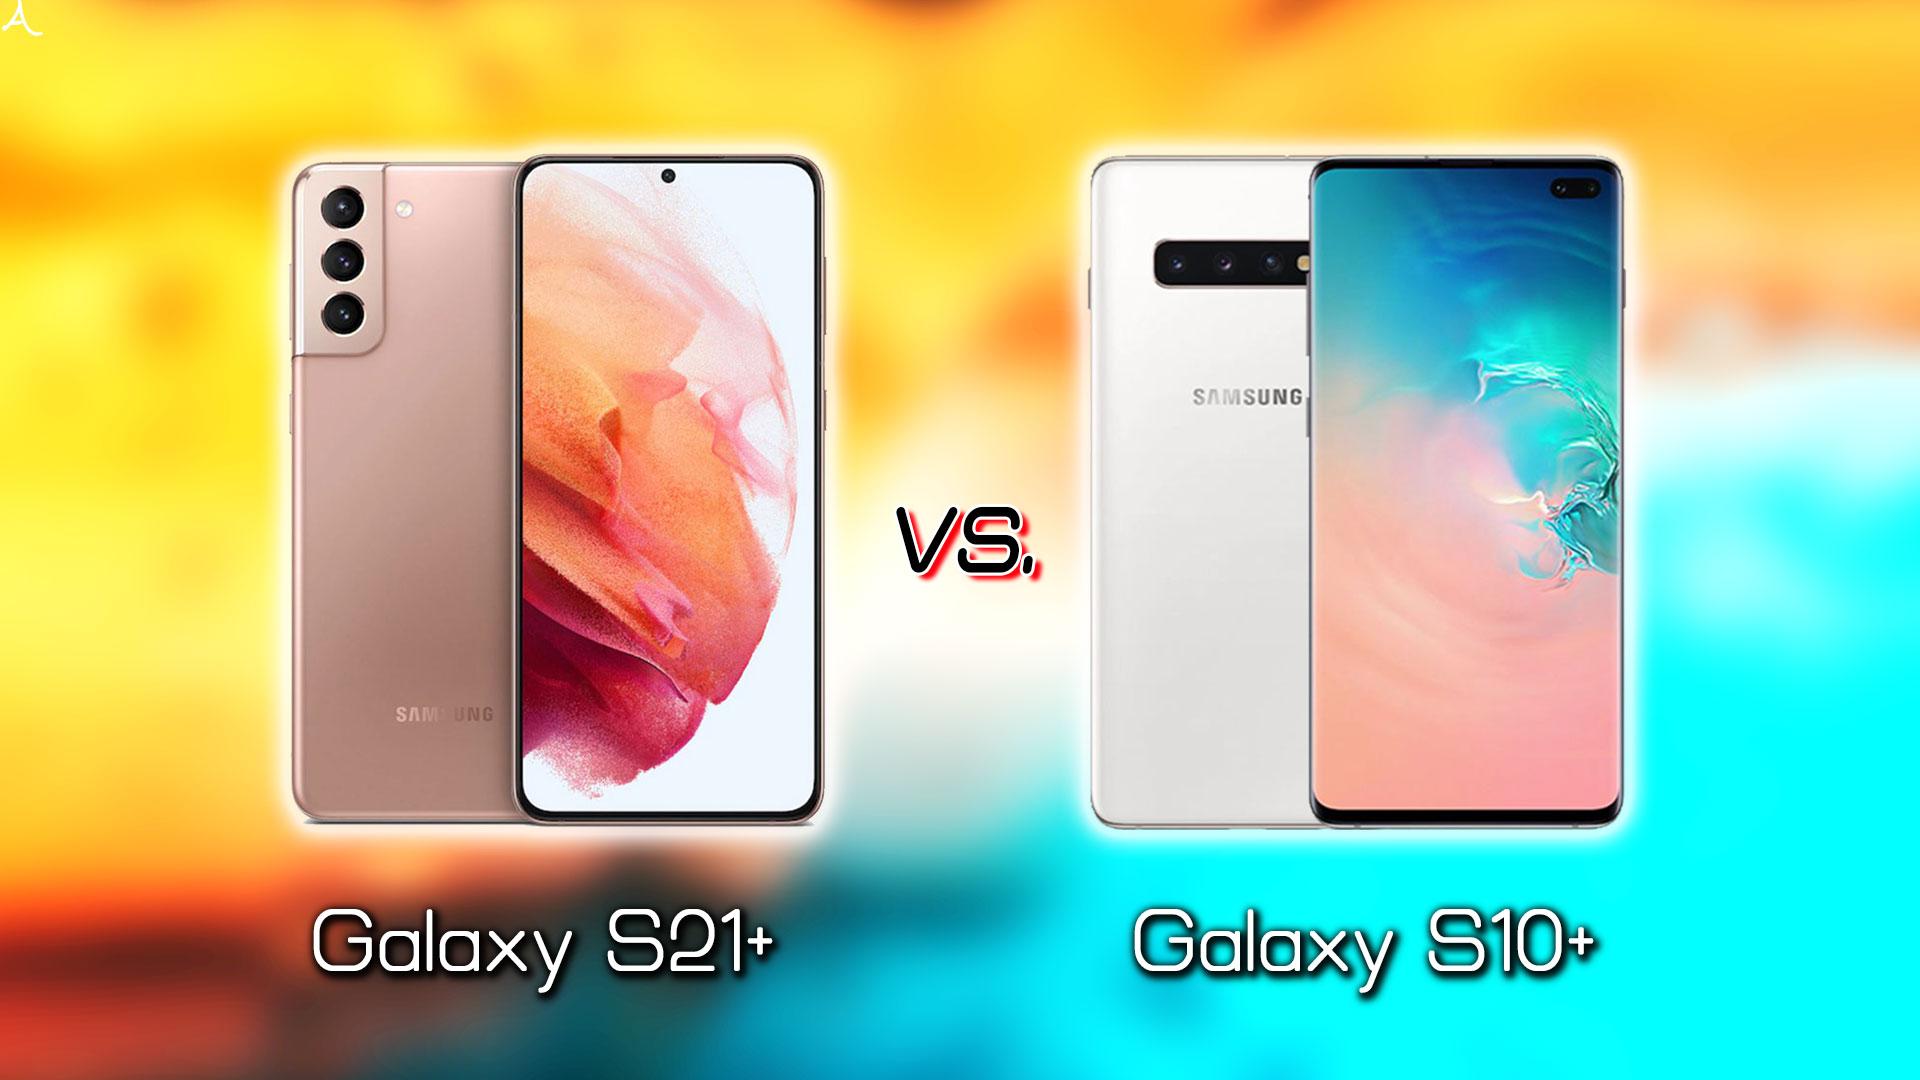 「Galaxy S21+(プラス)」と「Galaxy S10+(プラス)」の違いを比較:どっちを買う?